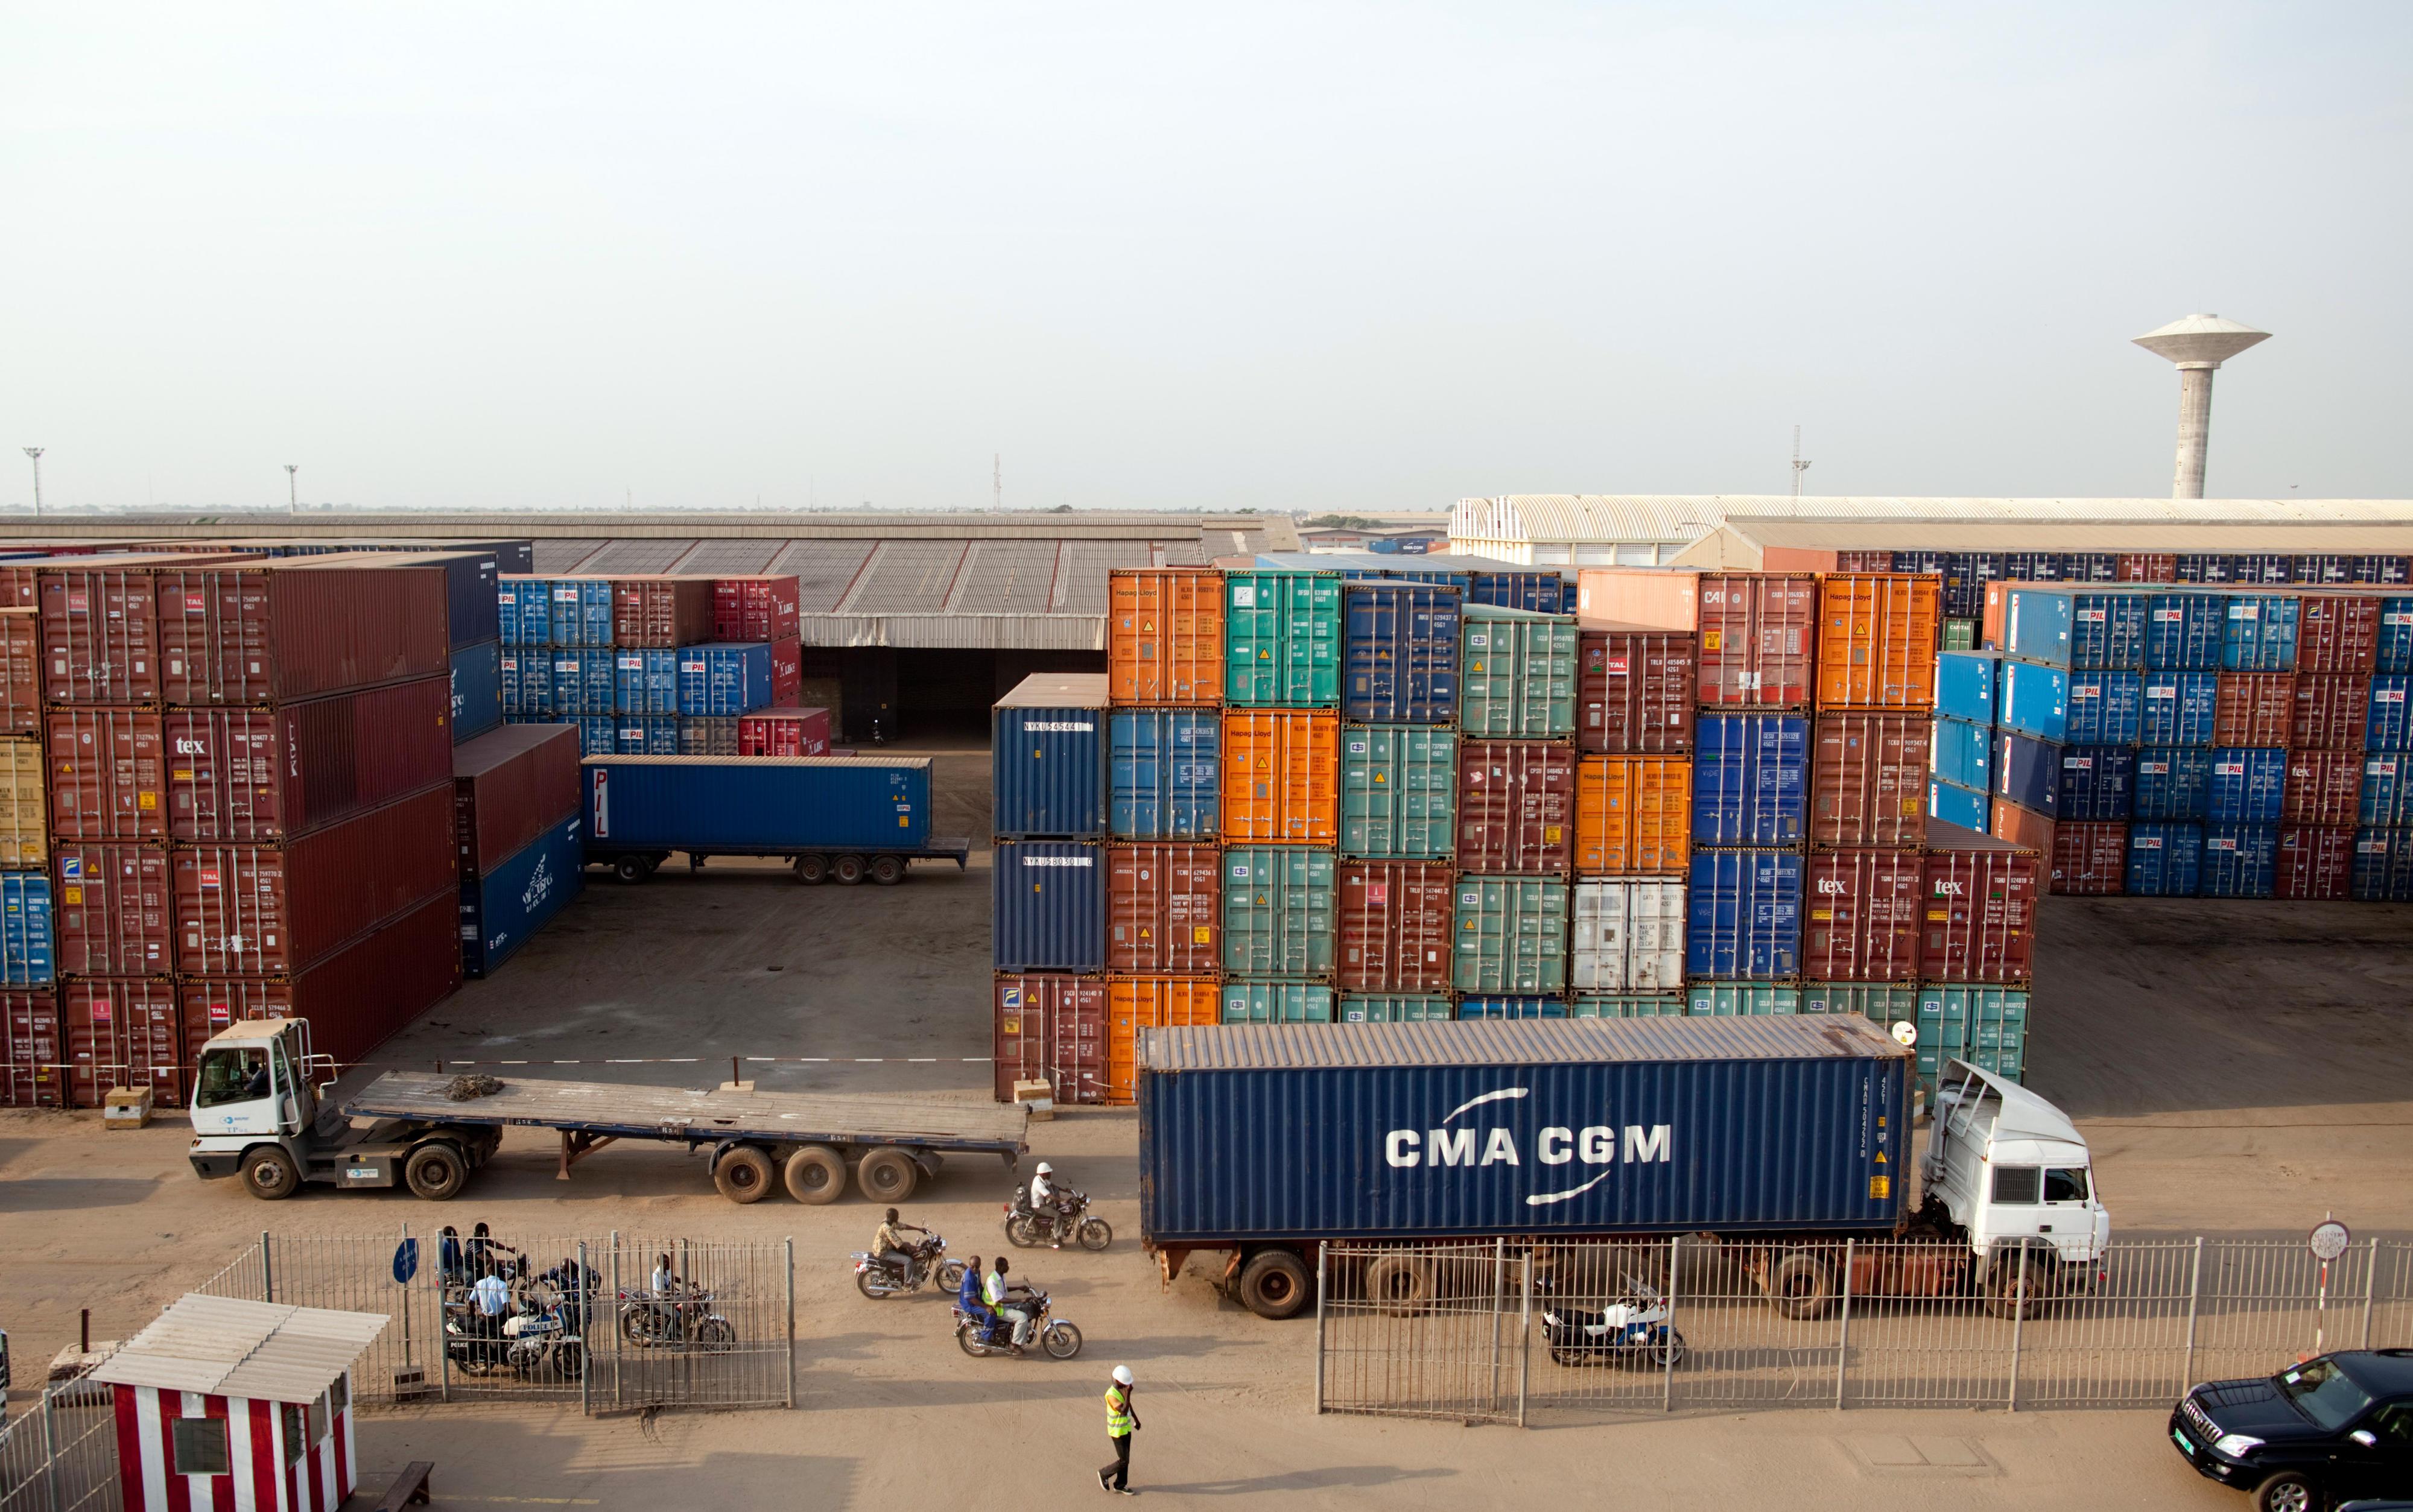 Hafen von Lomé, Togo